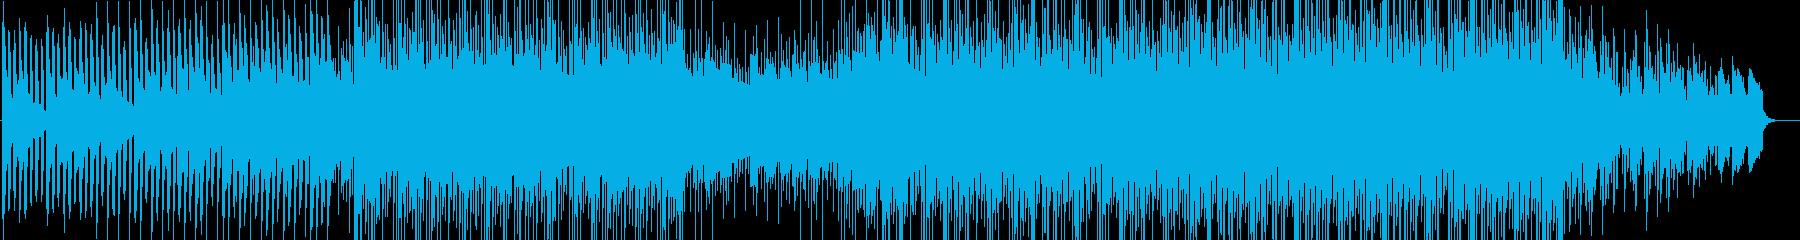 ピアノサウンドと共に映像に疾走感をの再生済みの波形